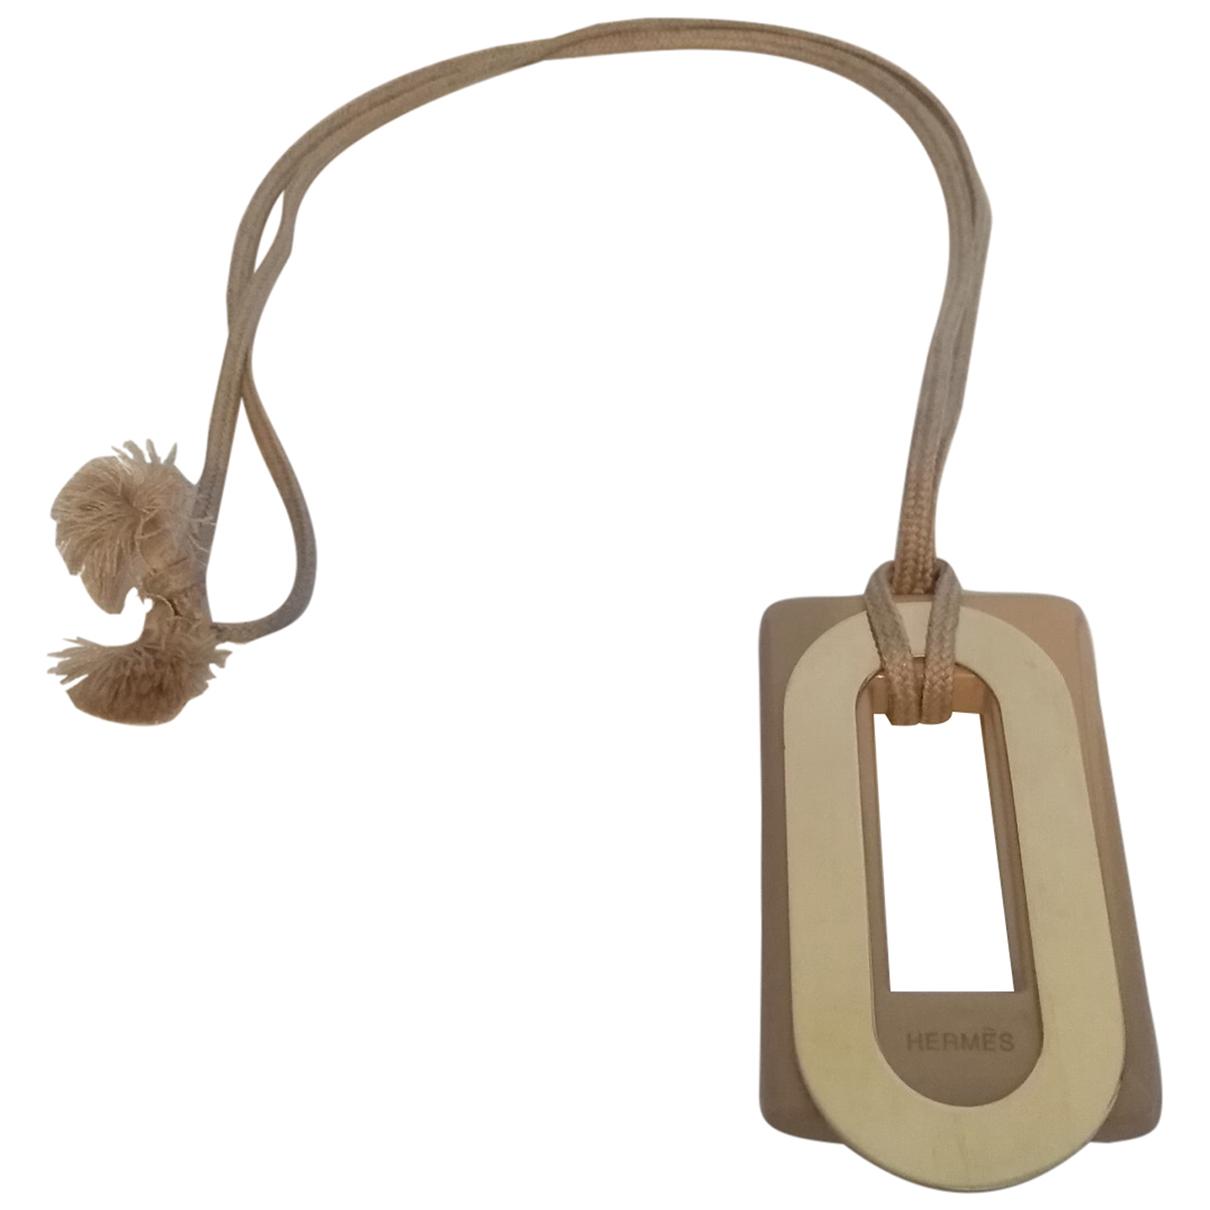 Hermes \N Anhaenger in  Beige Metall